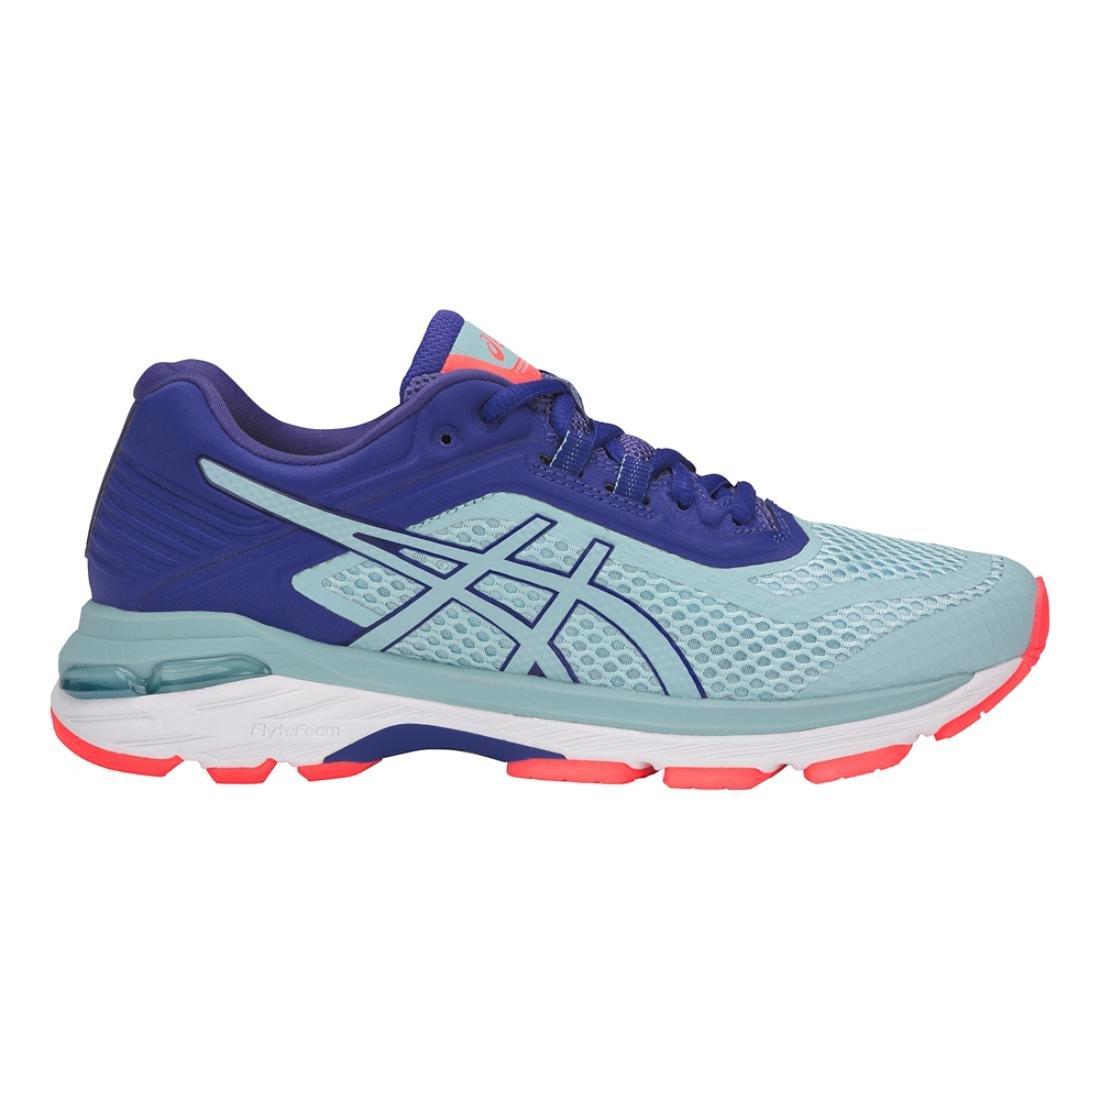 Asics Frauen Gt-2000 6 Schuhe  | Outlet  | Günstige Bestellung